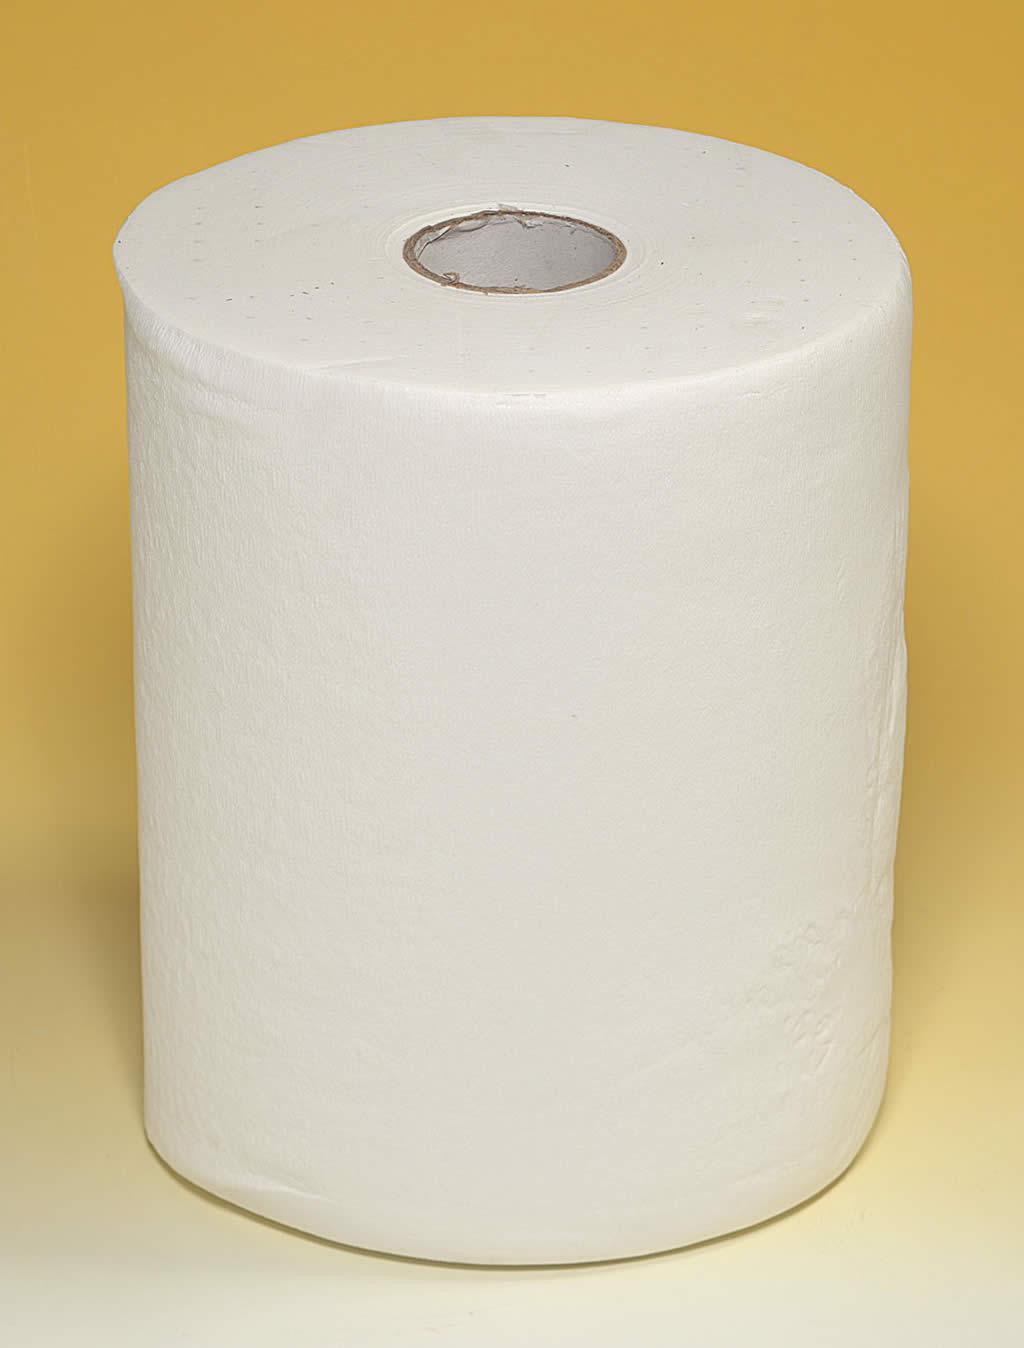 panno-star-tessuto-non-tessuto-416-strappi-kg-4-30x40-166m